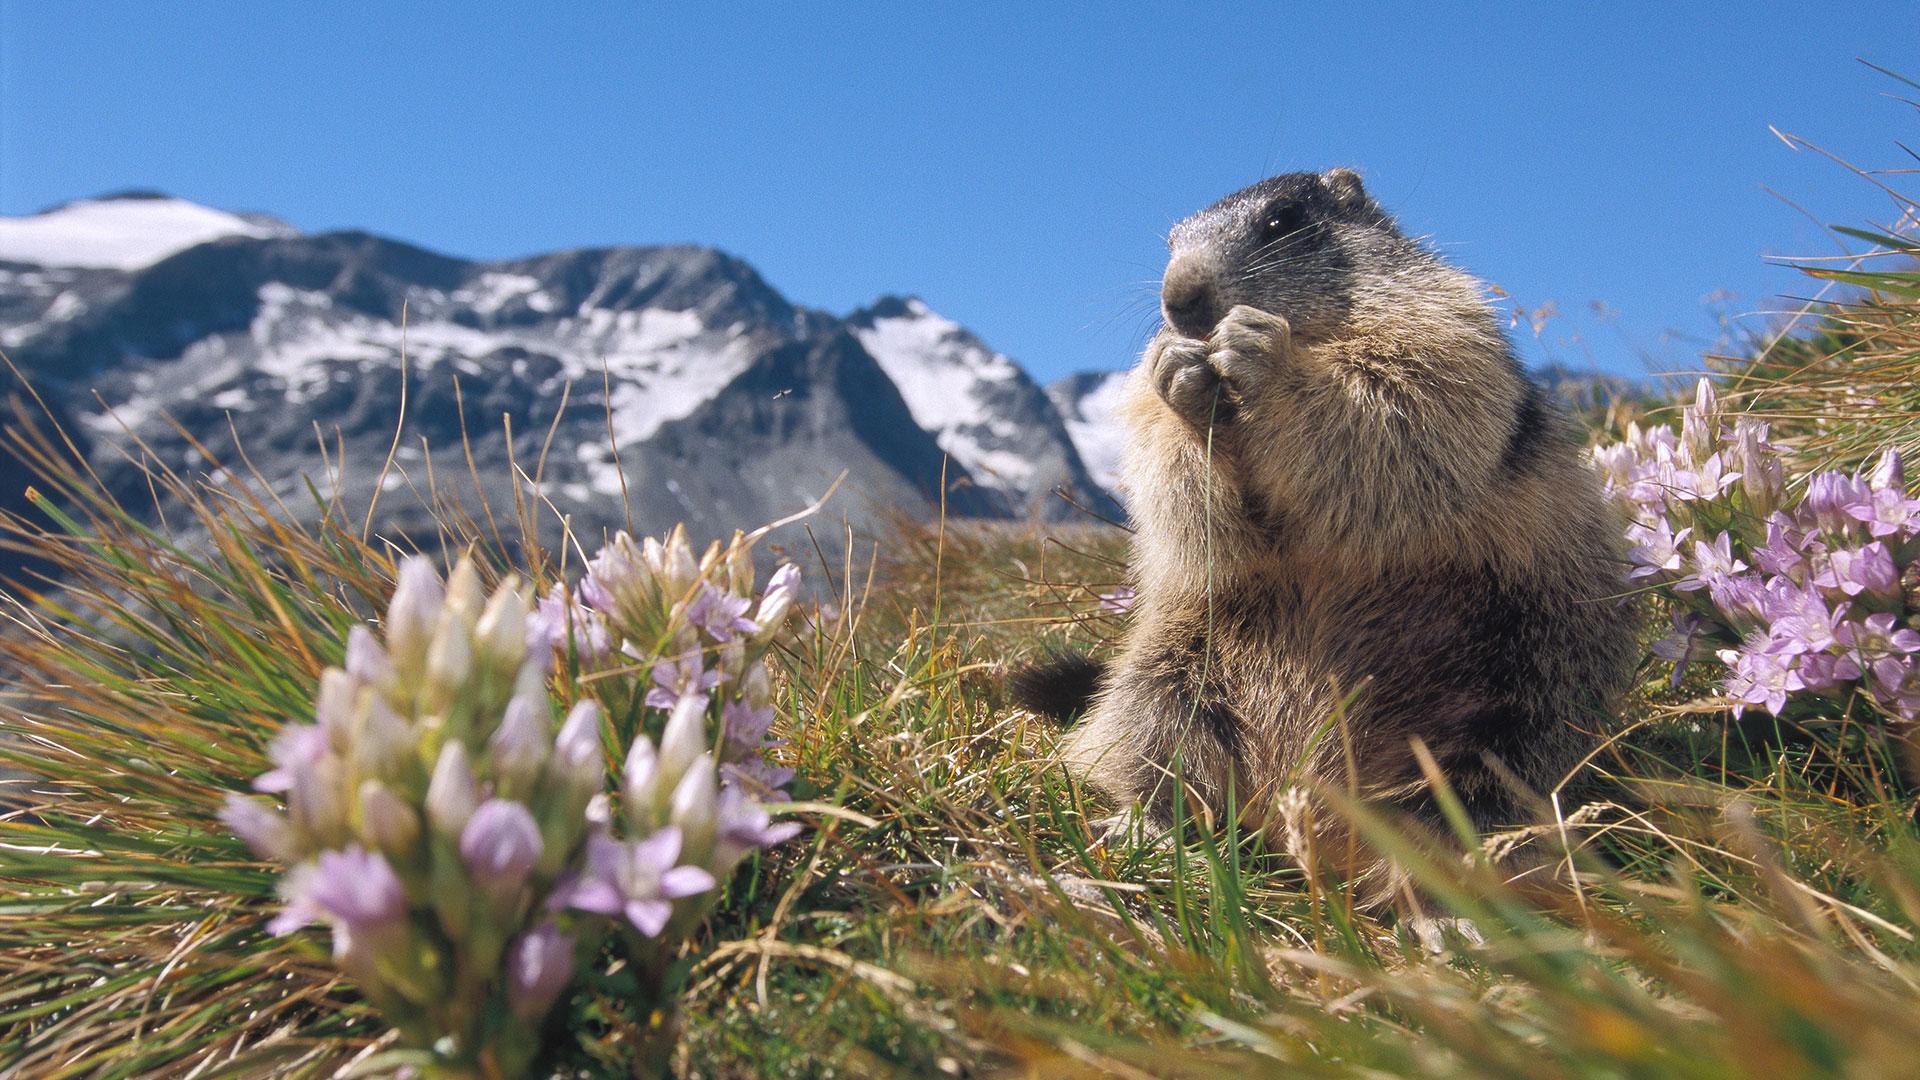 Envie de découvrir la faune et la flore - CGH Résidences